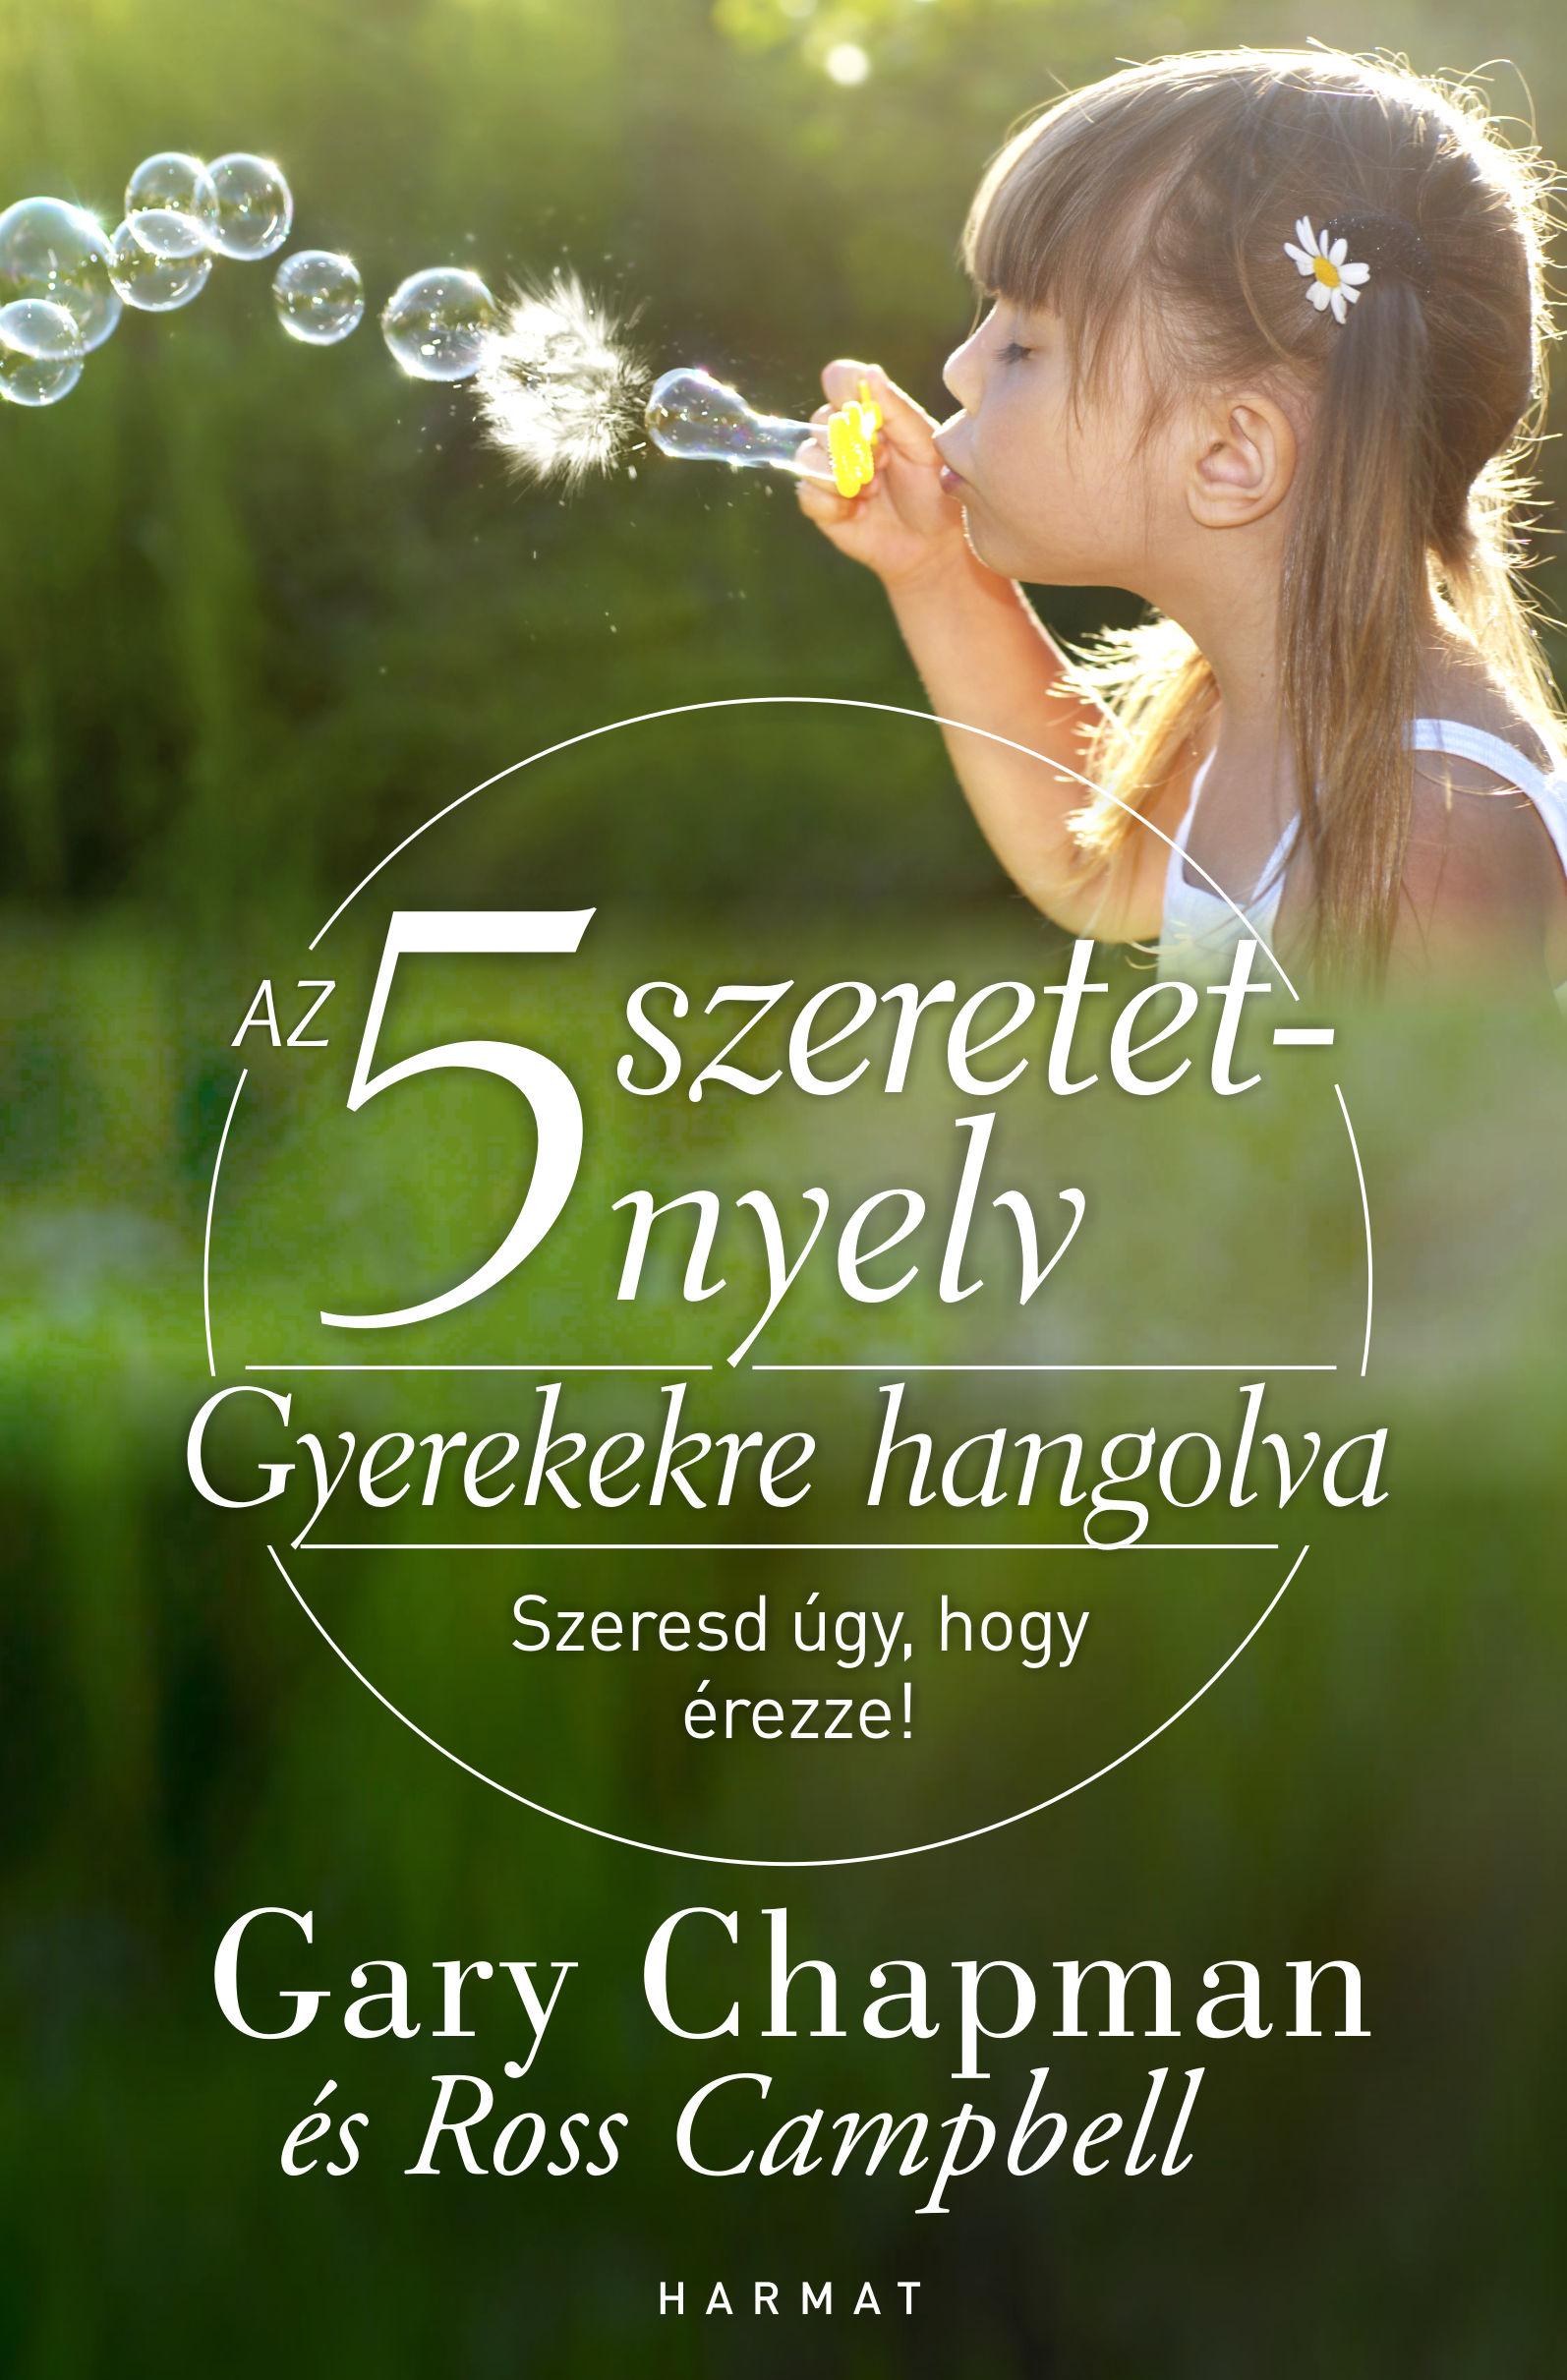 Gary Chapman, Ross Campbell: Az 5 szeretetnyelv: Gyerekekre hangolva